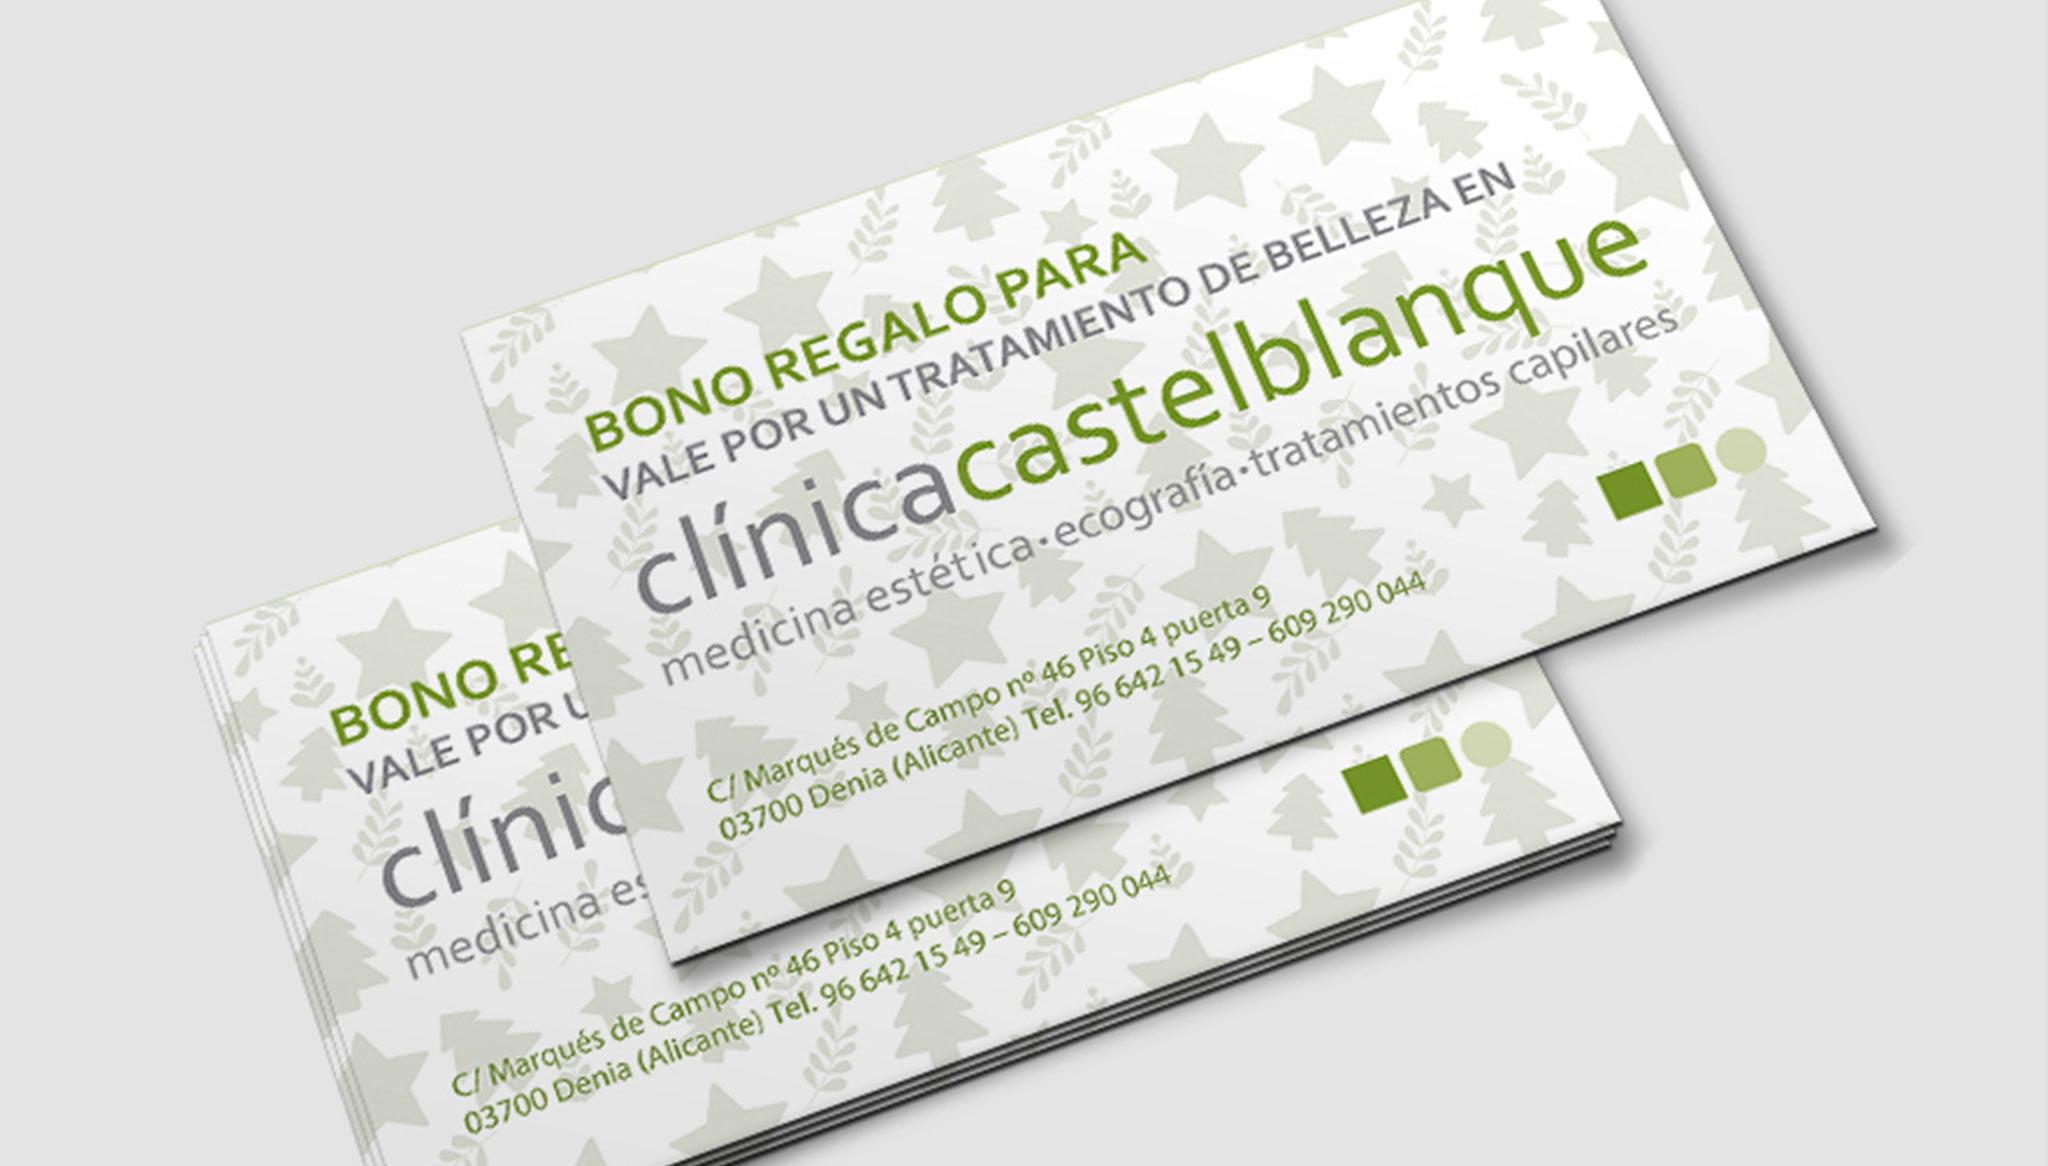 Clínica Estética Castelblanque – Bono regalo para un tratamiento médico estético personalizado